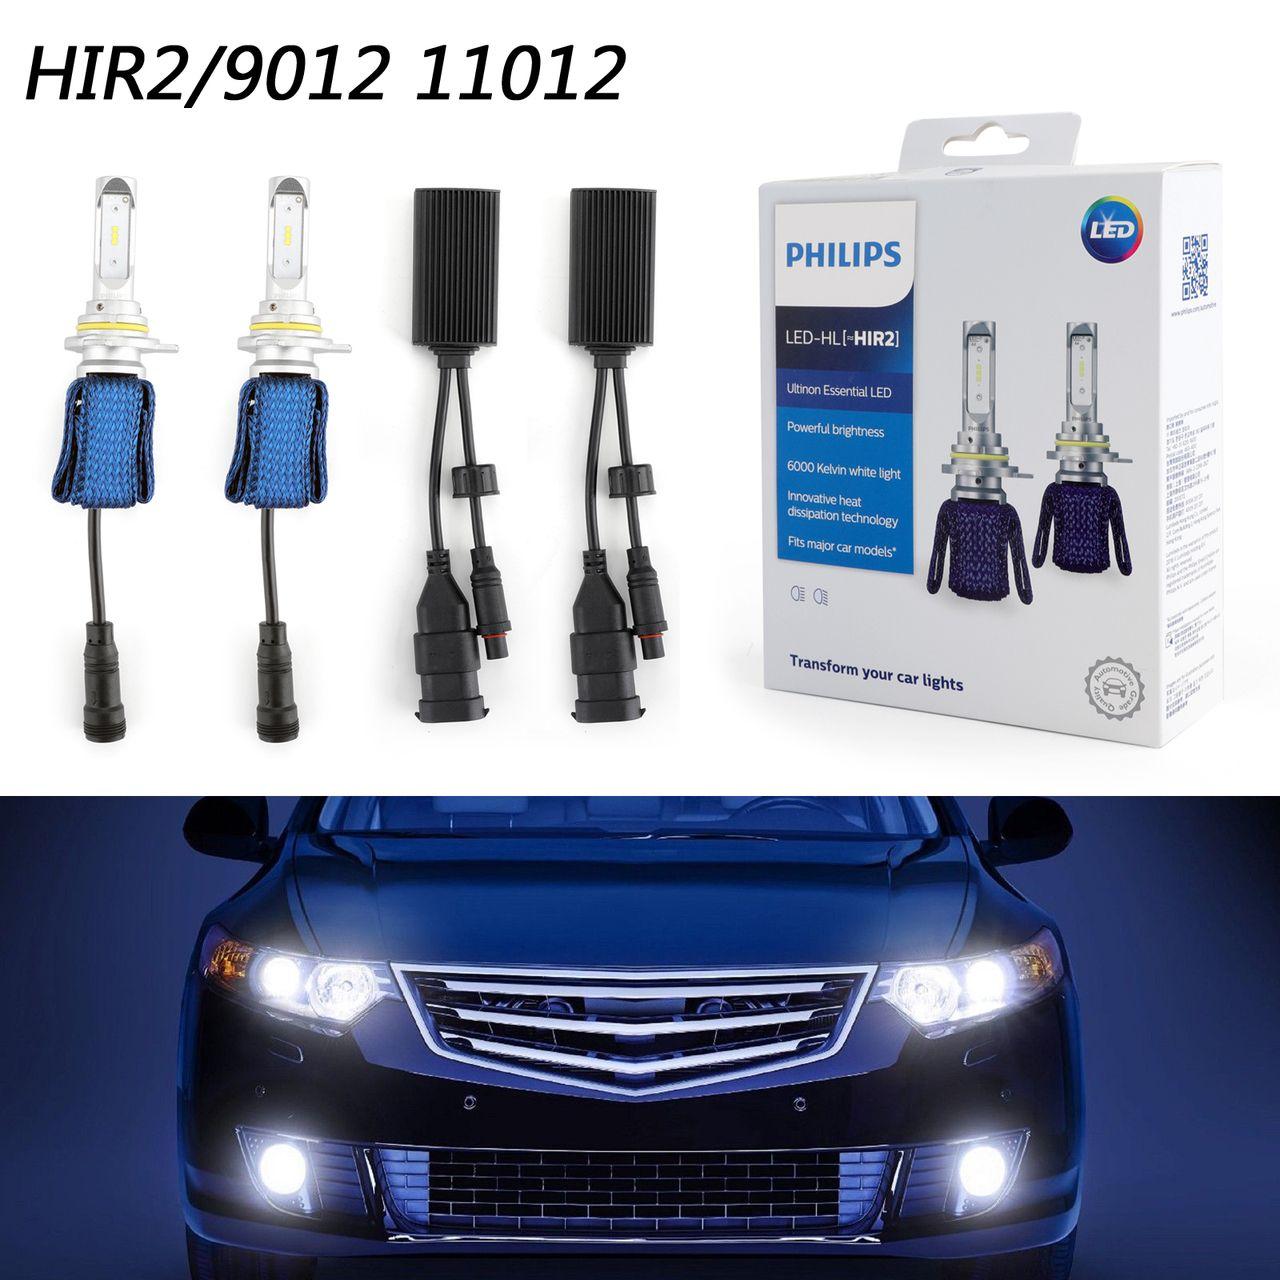 2x Philips Ultinon Led Kit 6000k White Hir2 Bulbs Head Light Dual Beam Replace Led Kit Philips Led